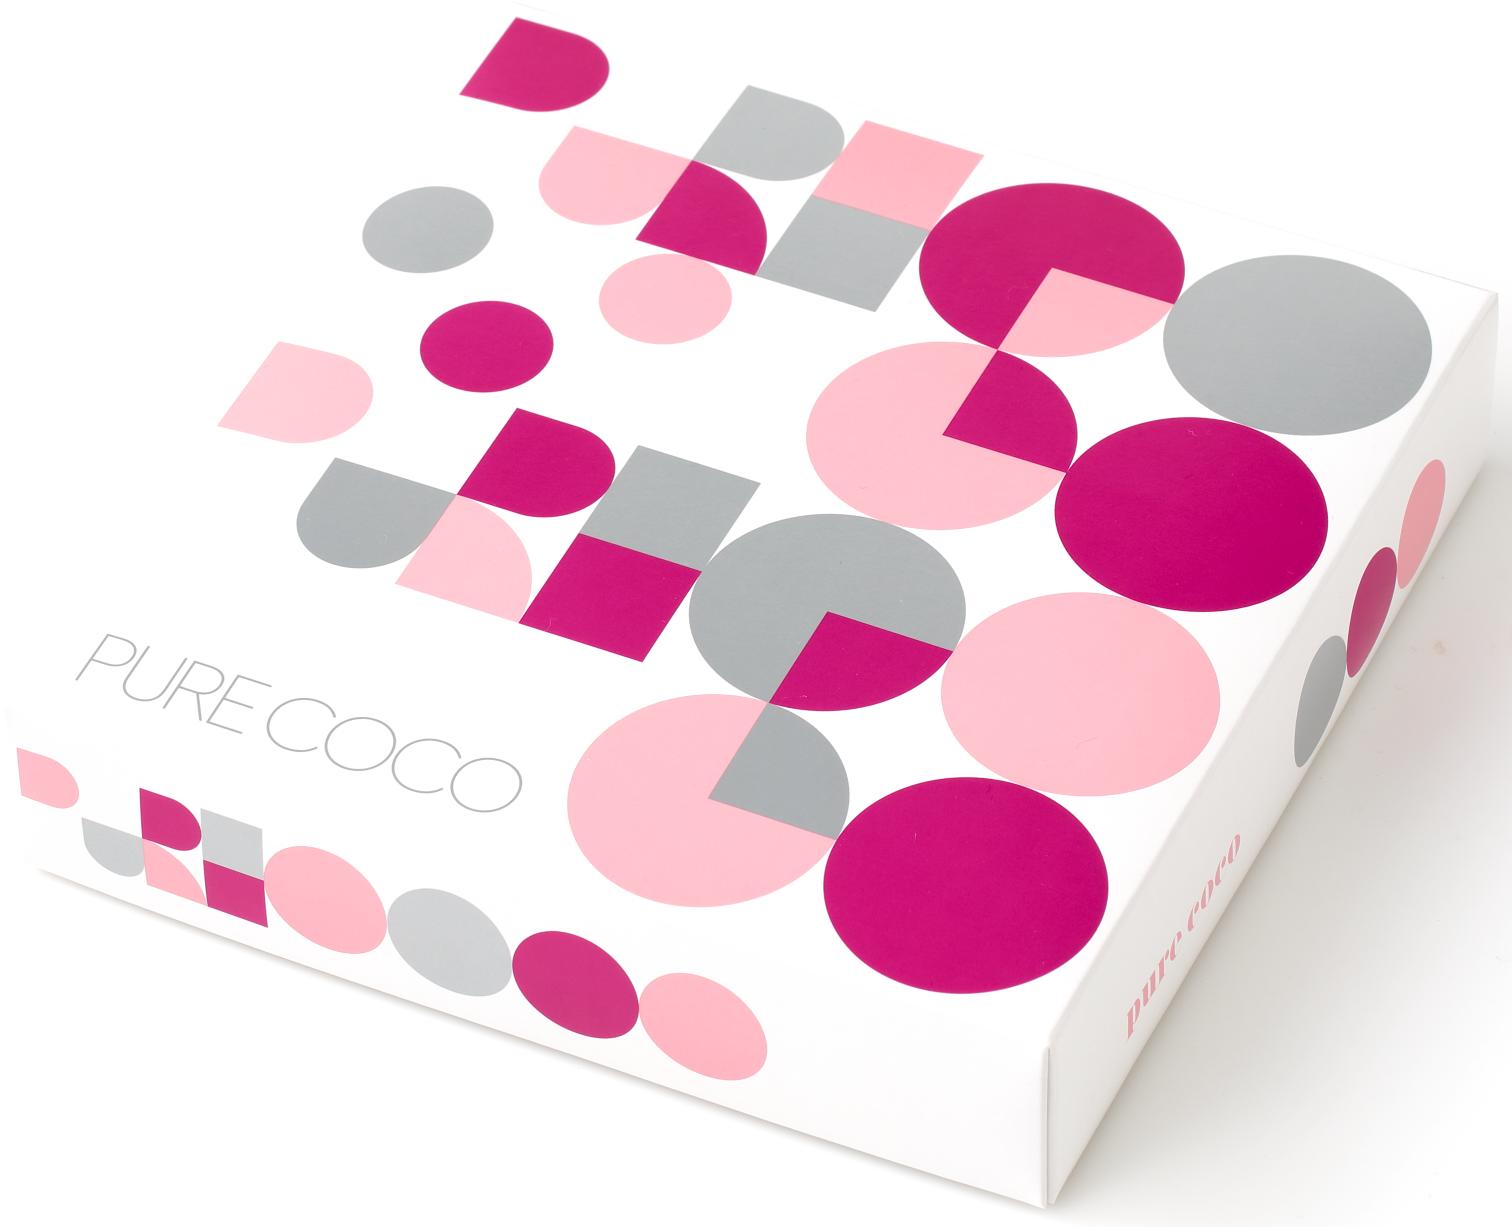 商品もパッケージもおしゃれすぎるっ♡ 代官山にあるお菓子ブランド『pure coco』って知ってる?_2_2